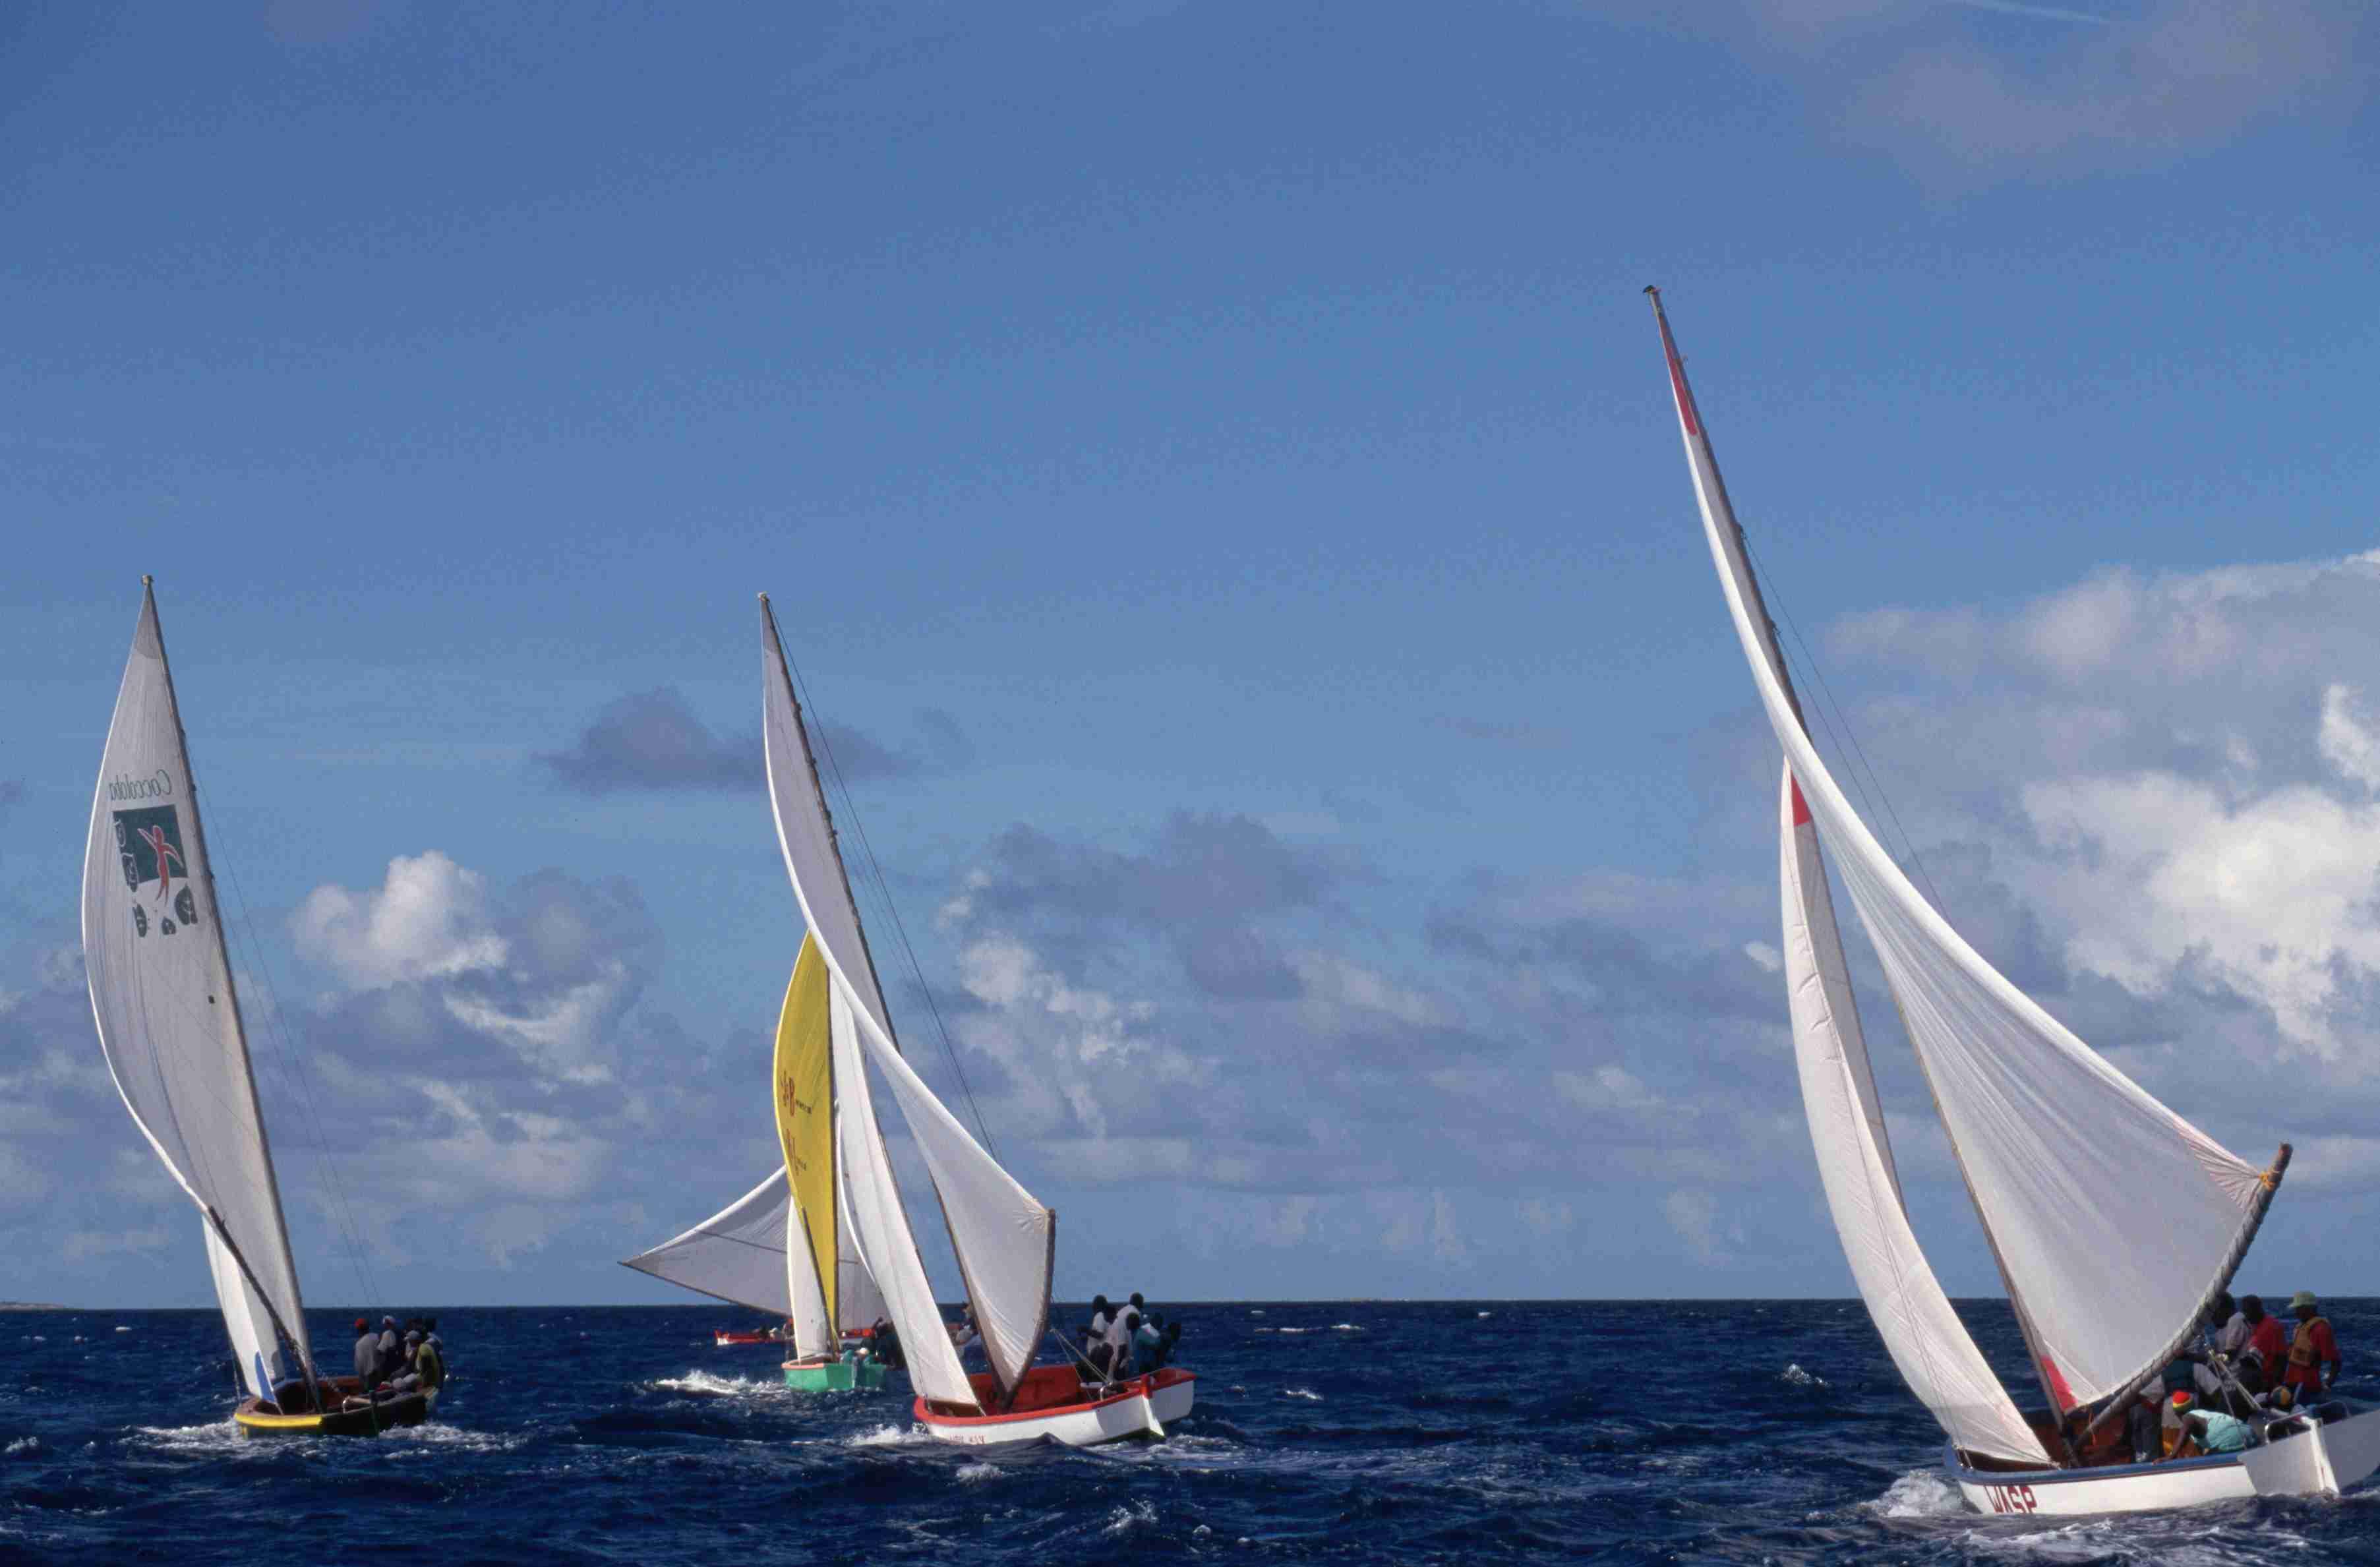 Racing Sailboats in Anguilla